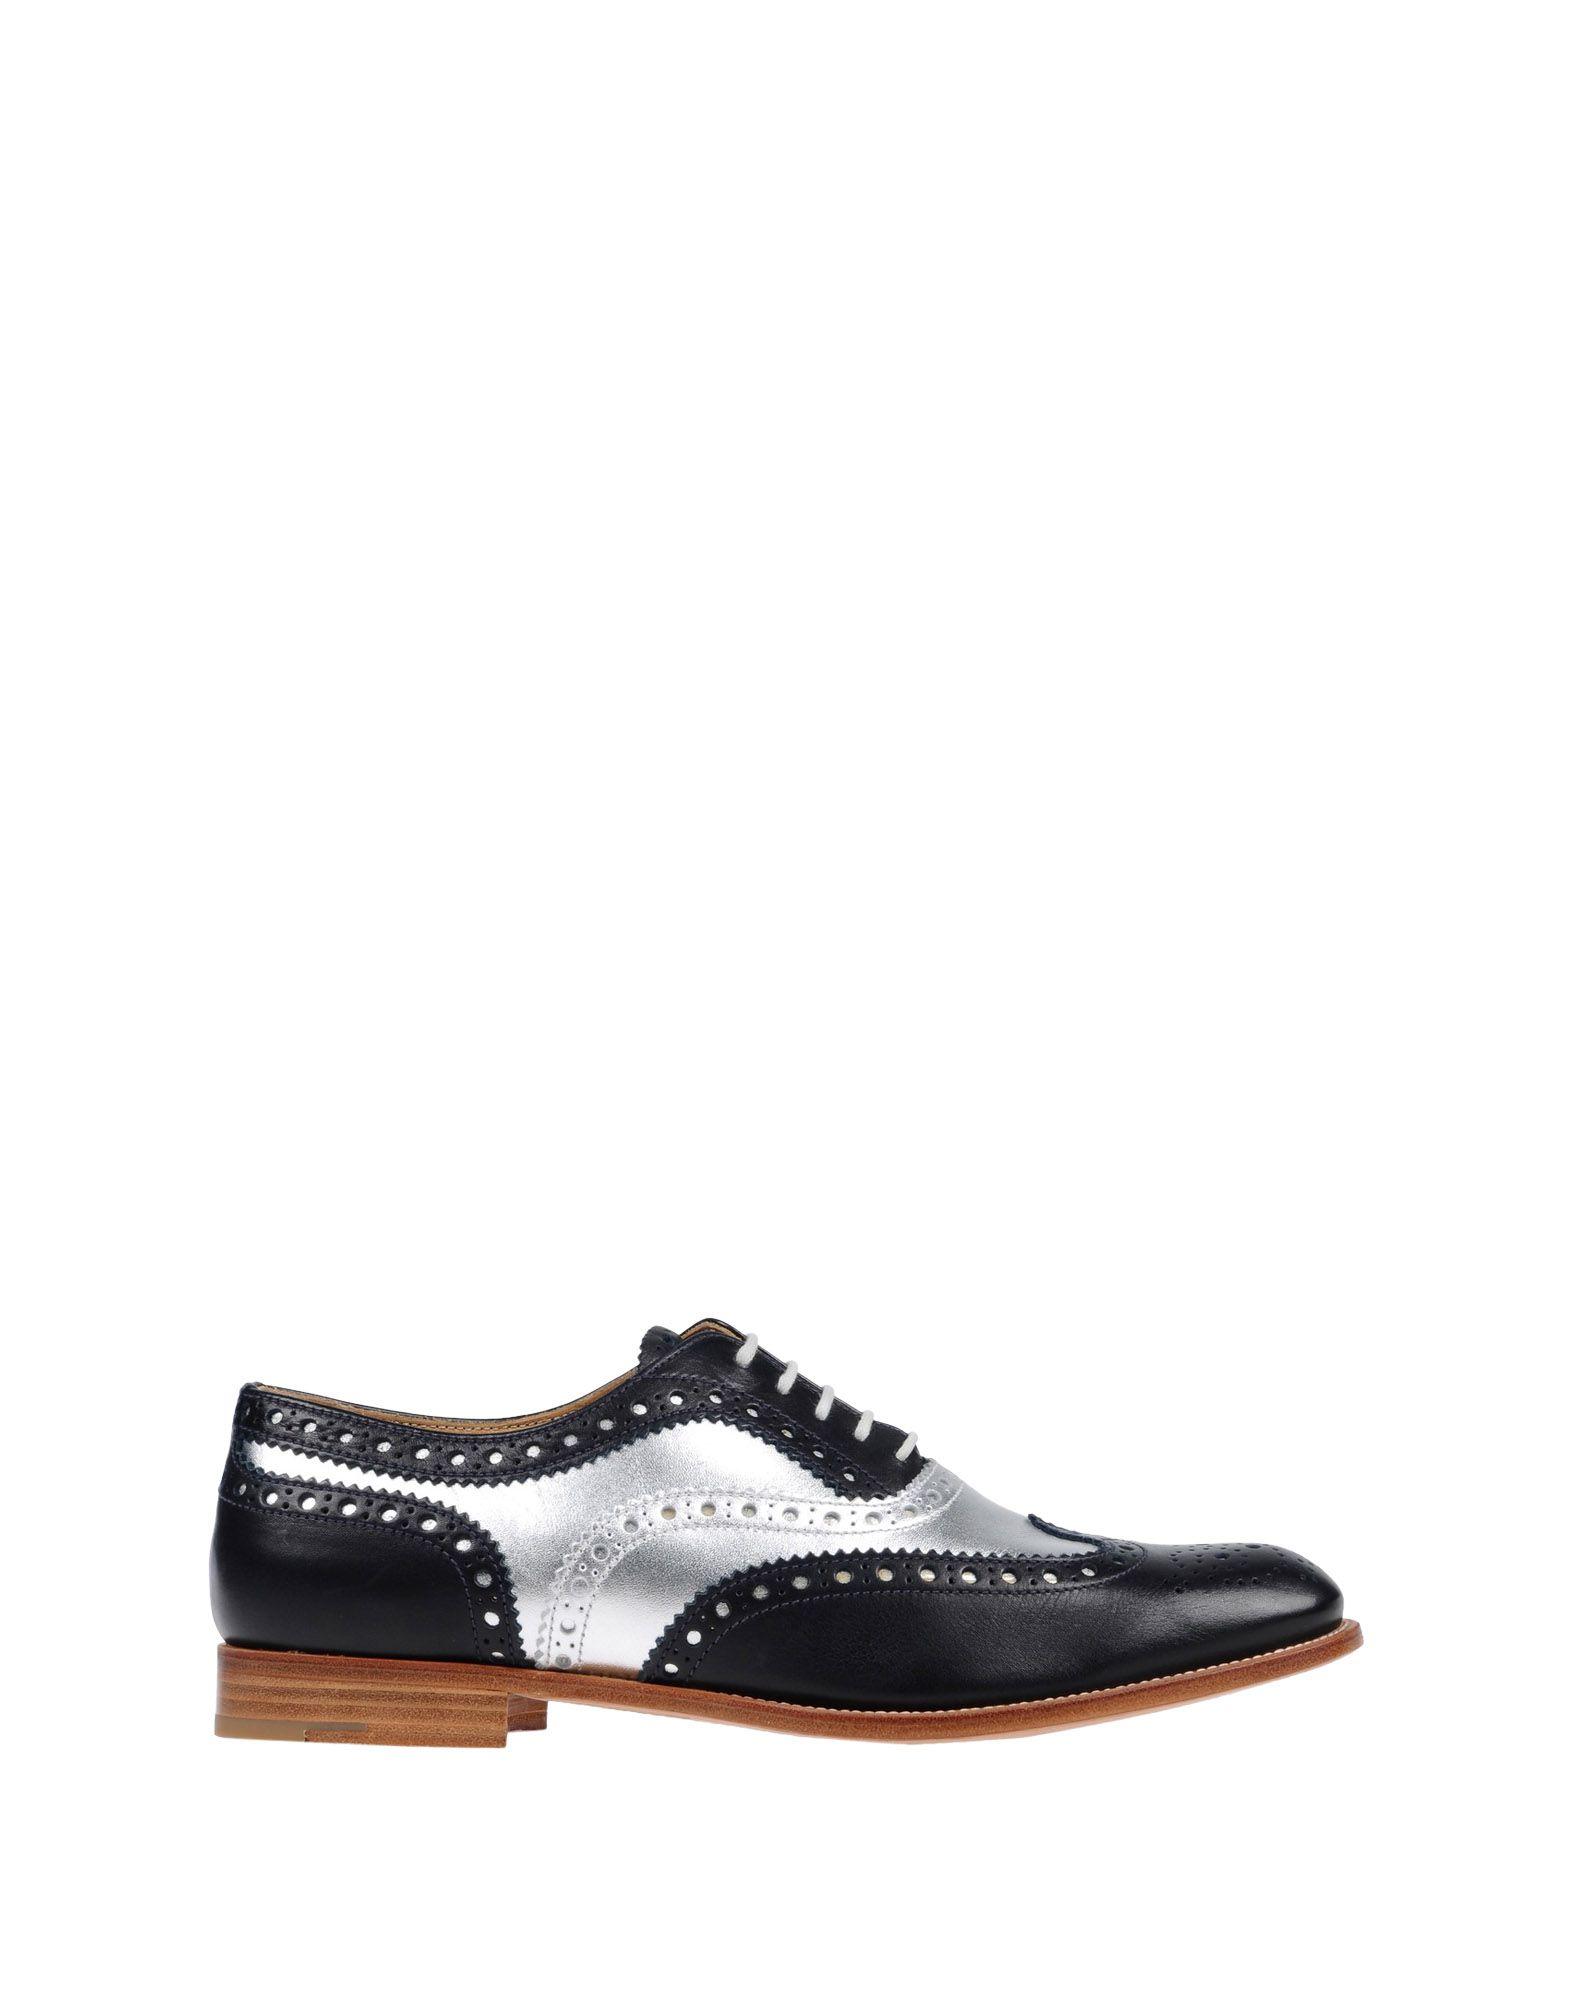 Chaussures - Tribunaux Jo Liu GpvrAg0U3